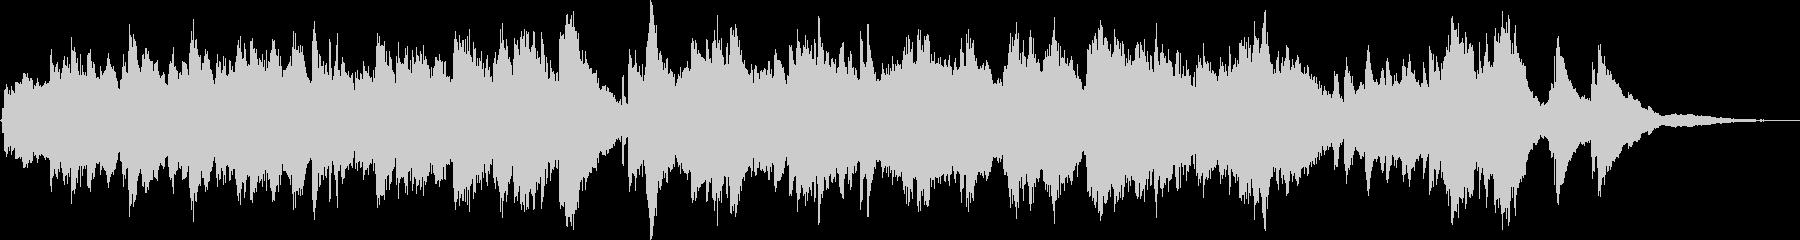 1900年スイス・ミラ・オルゴール...の未再生の波形